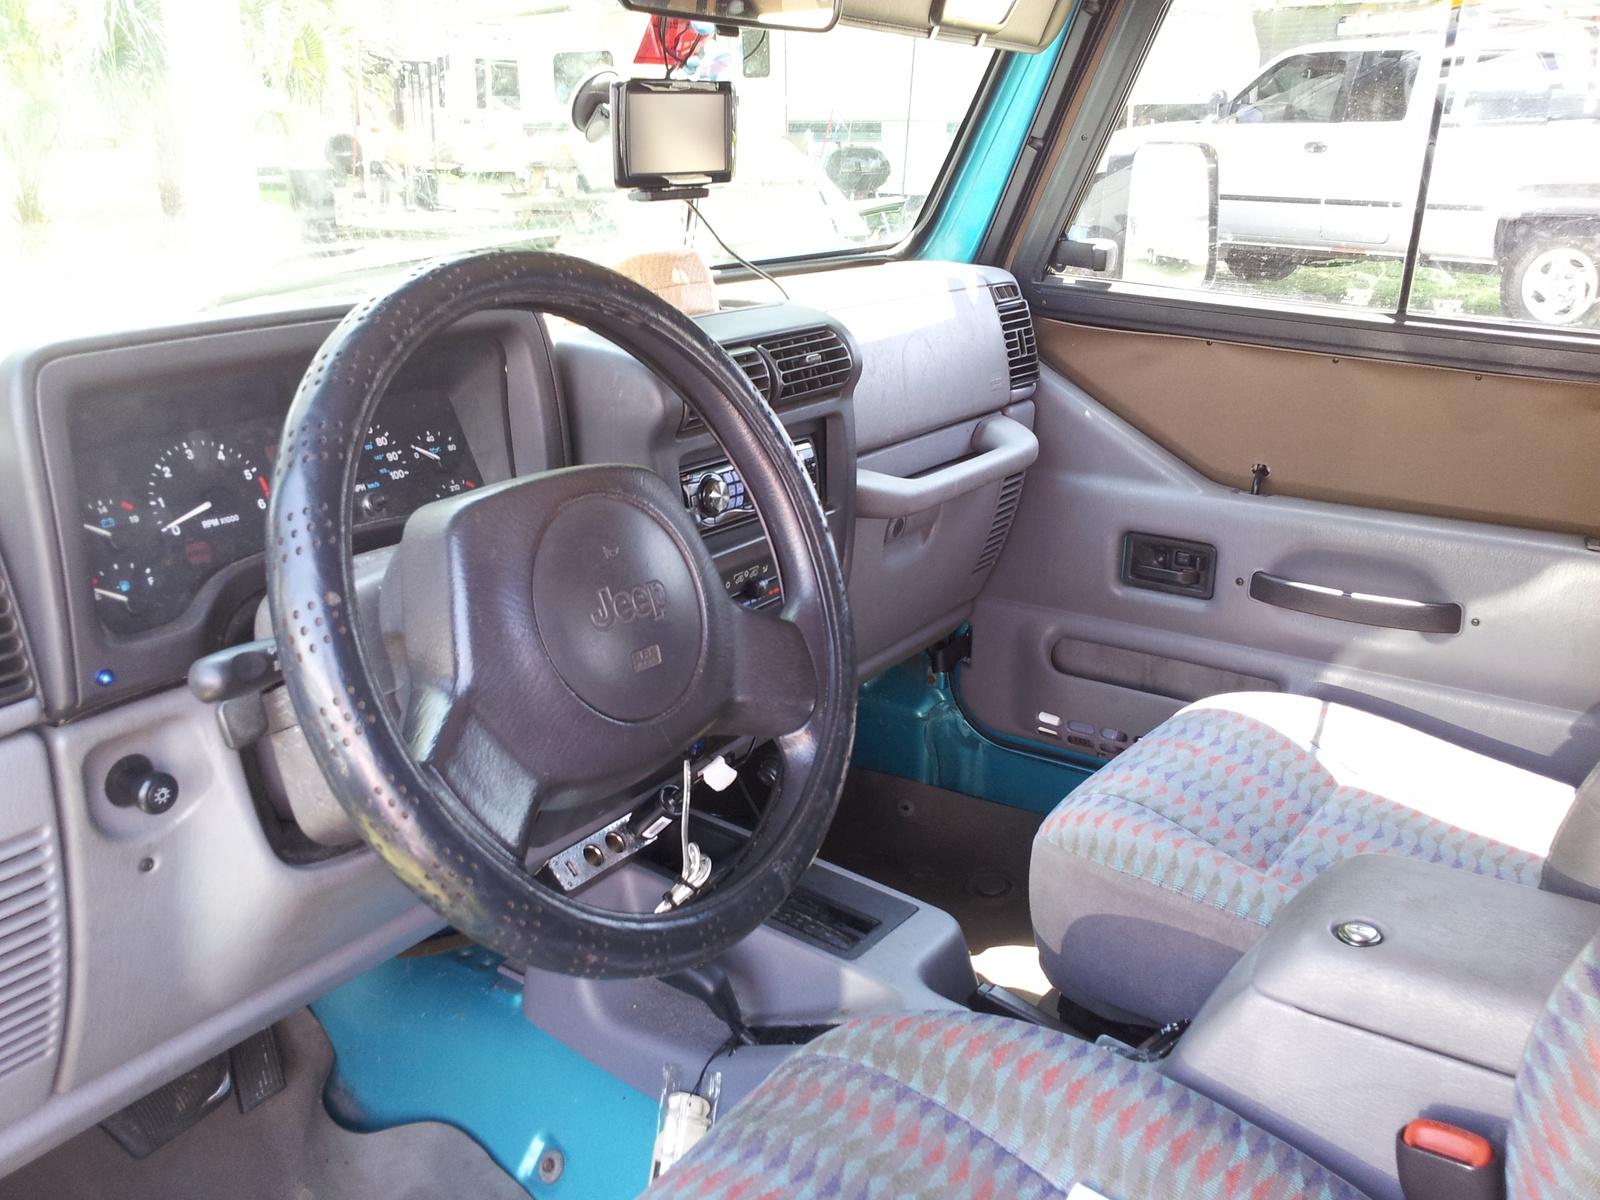 1997 Jeep Wrangler Interior Pictures Cargurus